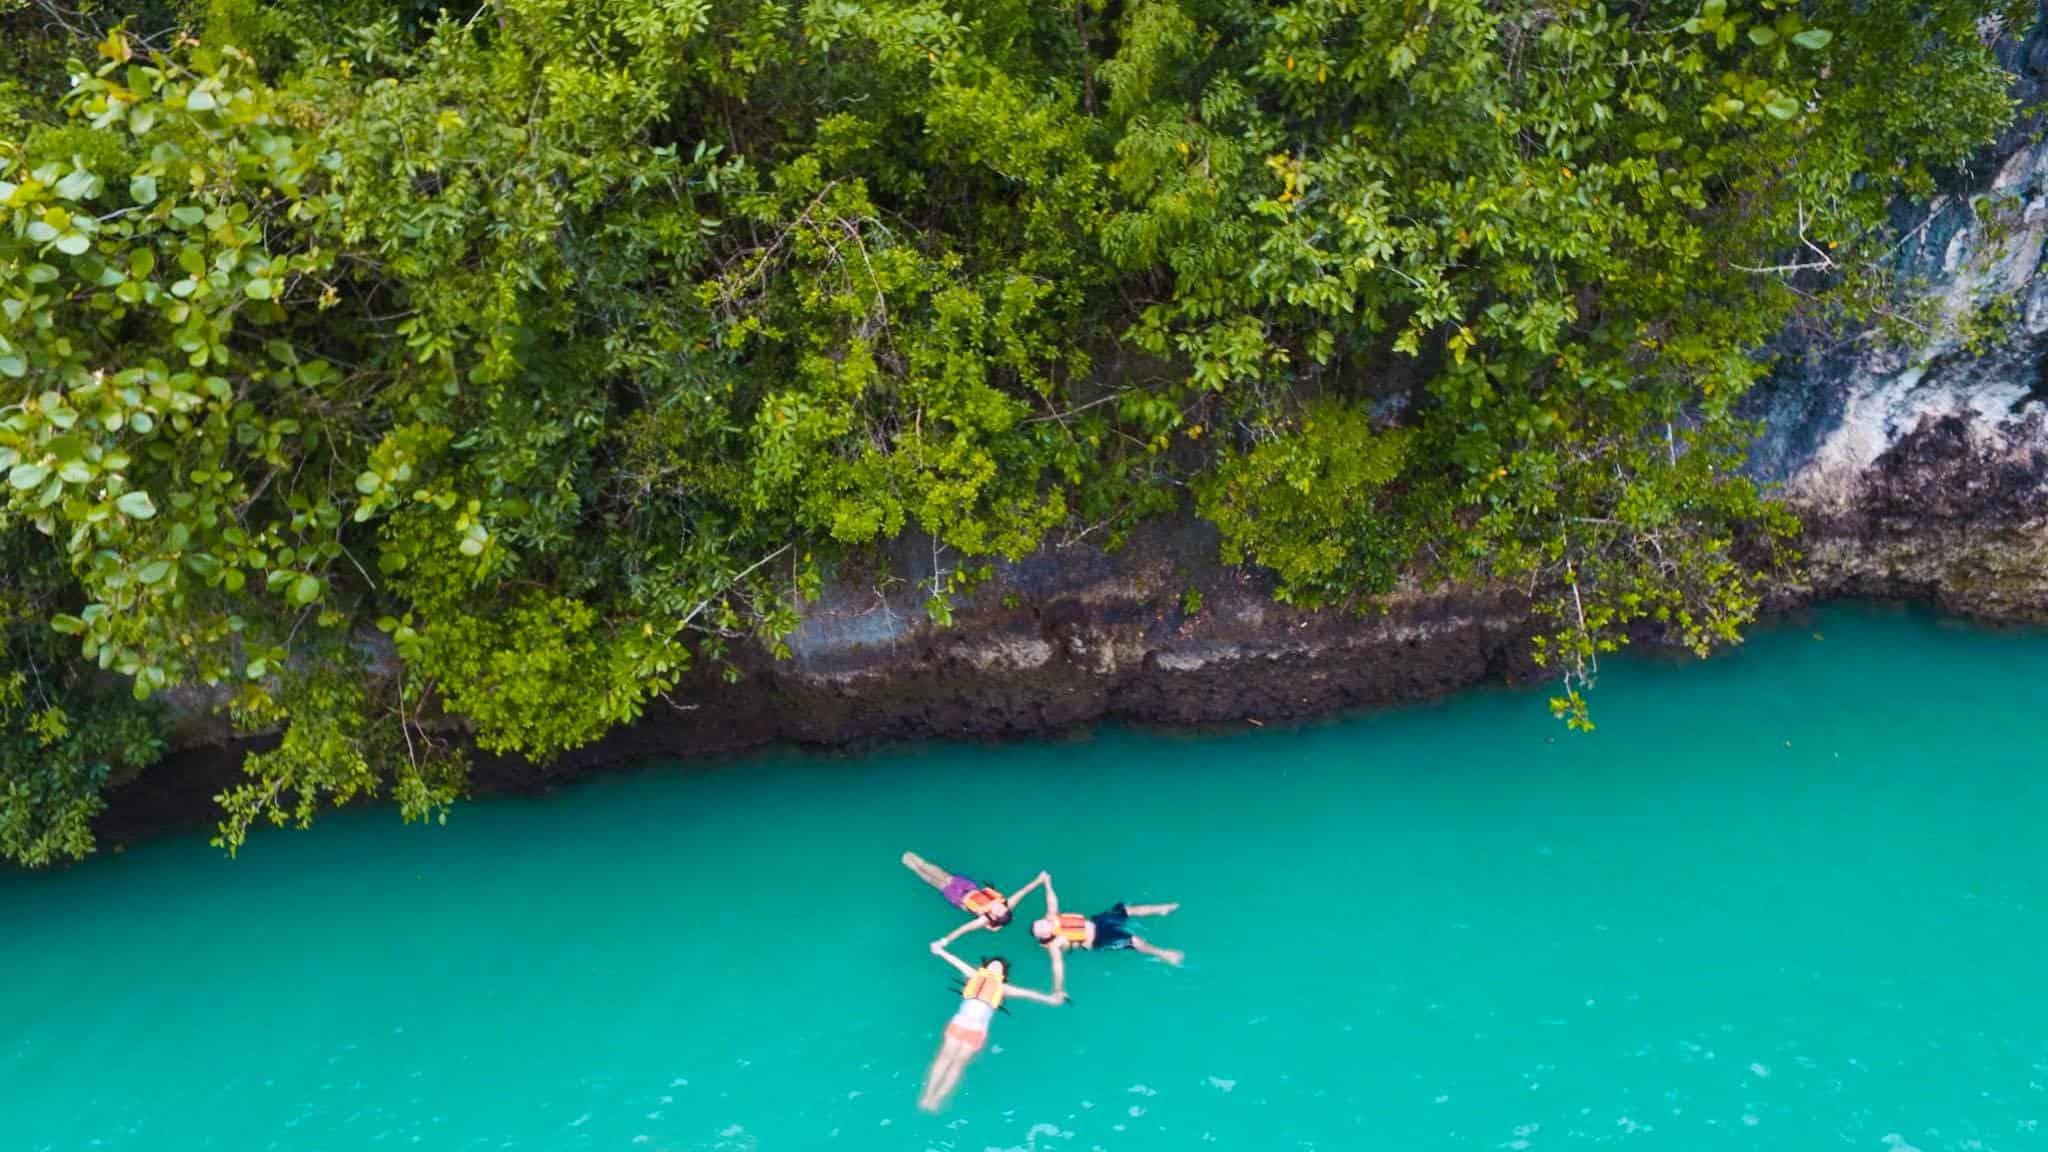 Bojo River Aloguinsan Cebu (1)